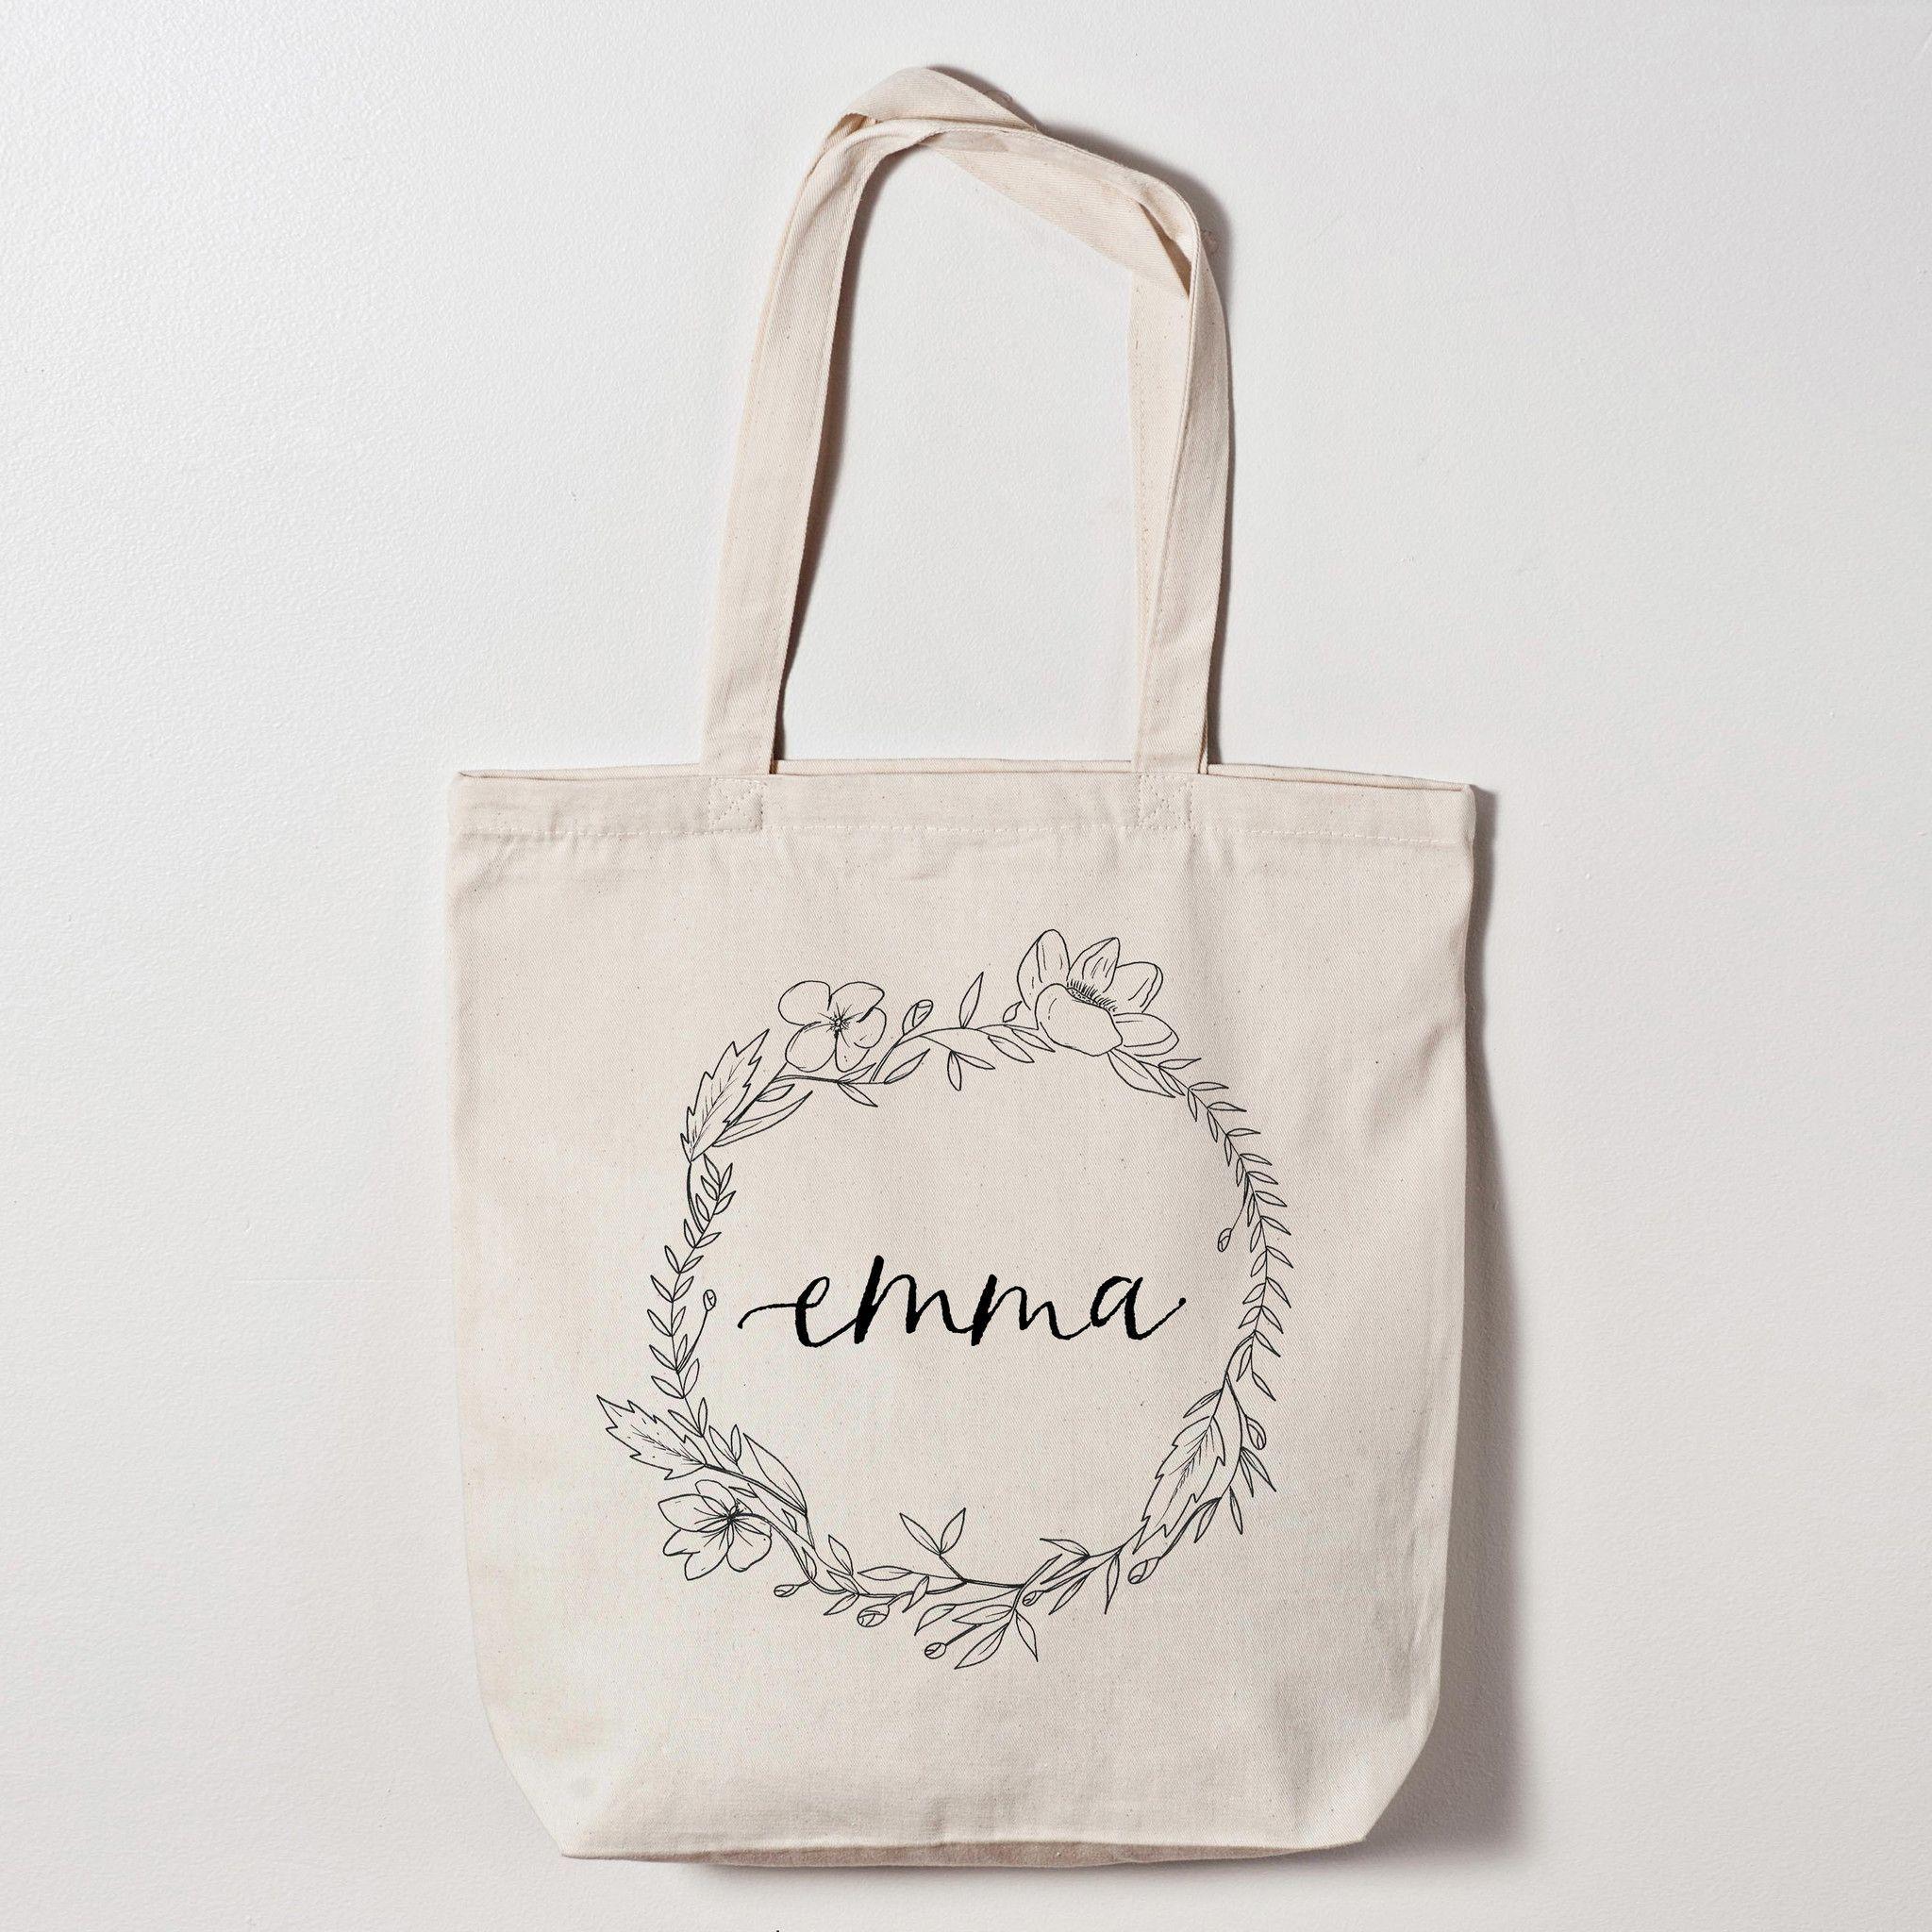 personalized bridesmaid gift bag - natural, organic style bridesmaid ...